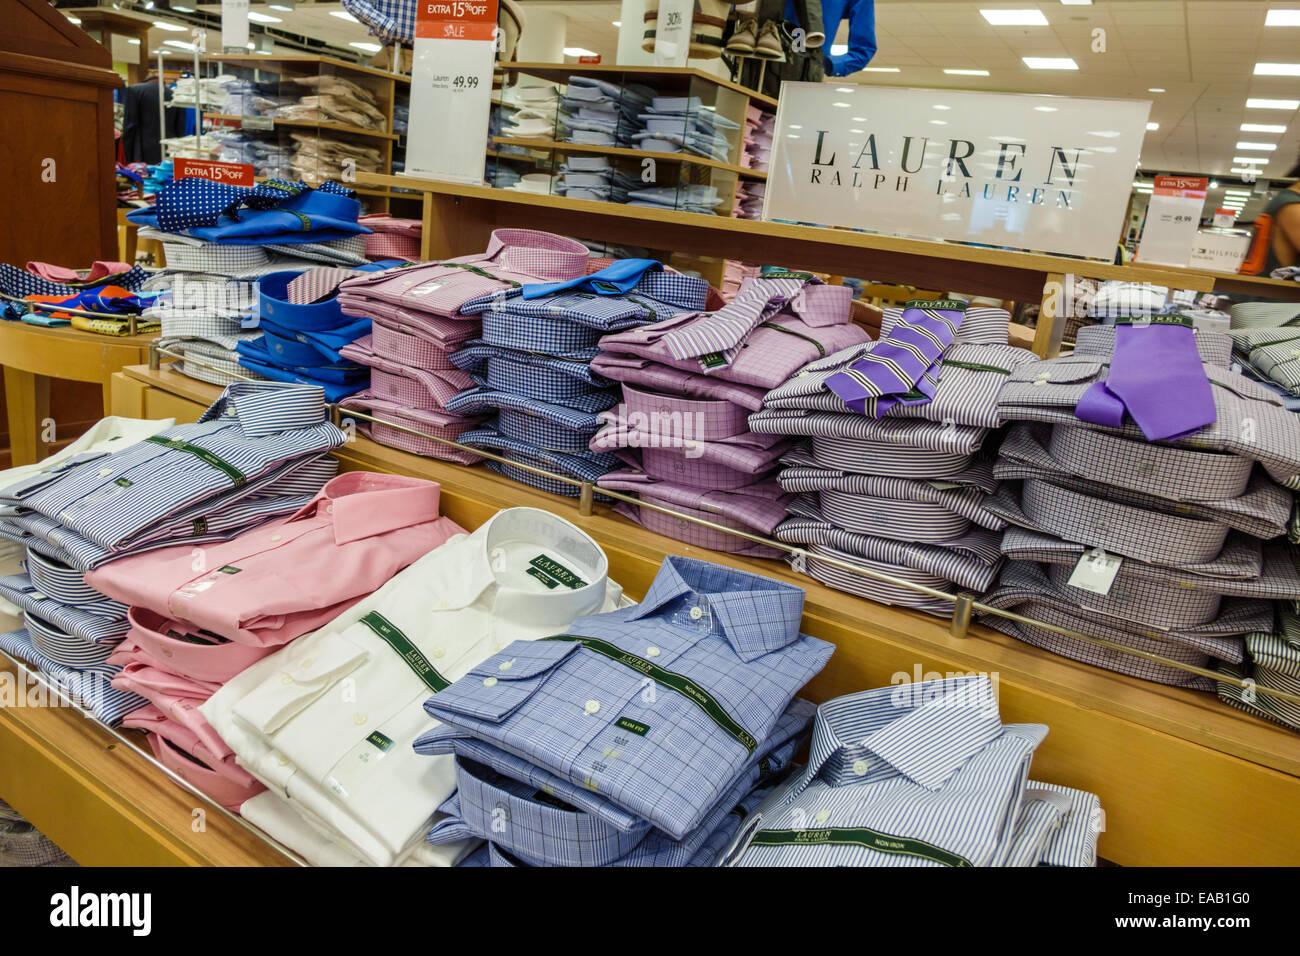 Miami Florida Macys Kaufhaus Einkaufen im Verkauf Display Mode Ralph Lauren  Kleid Hemden Krawatten Herren Stockbild d4bd95483a